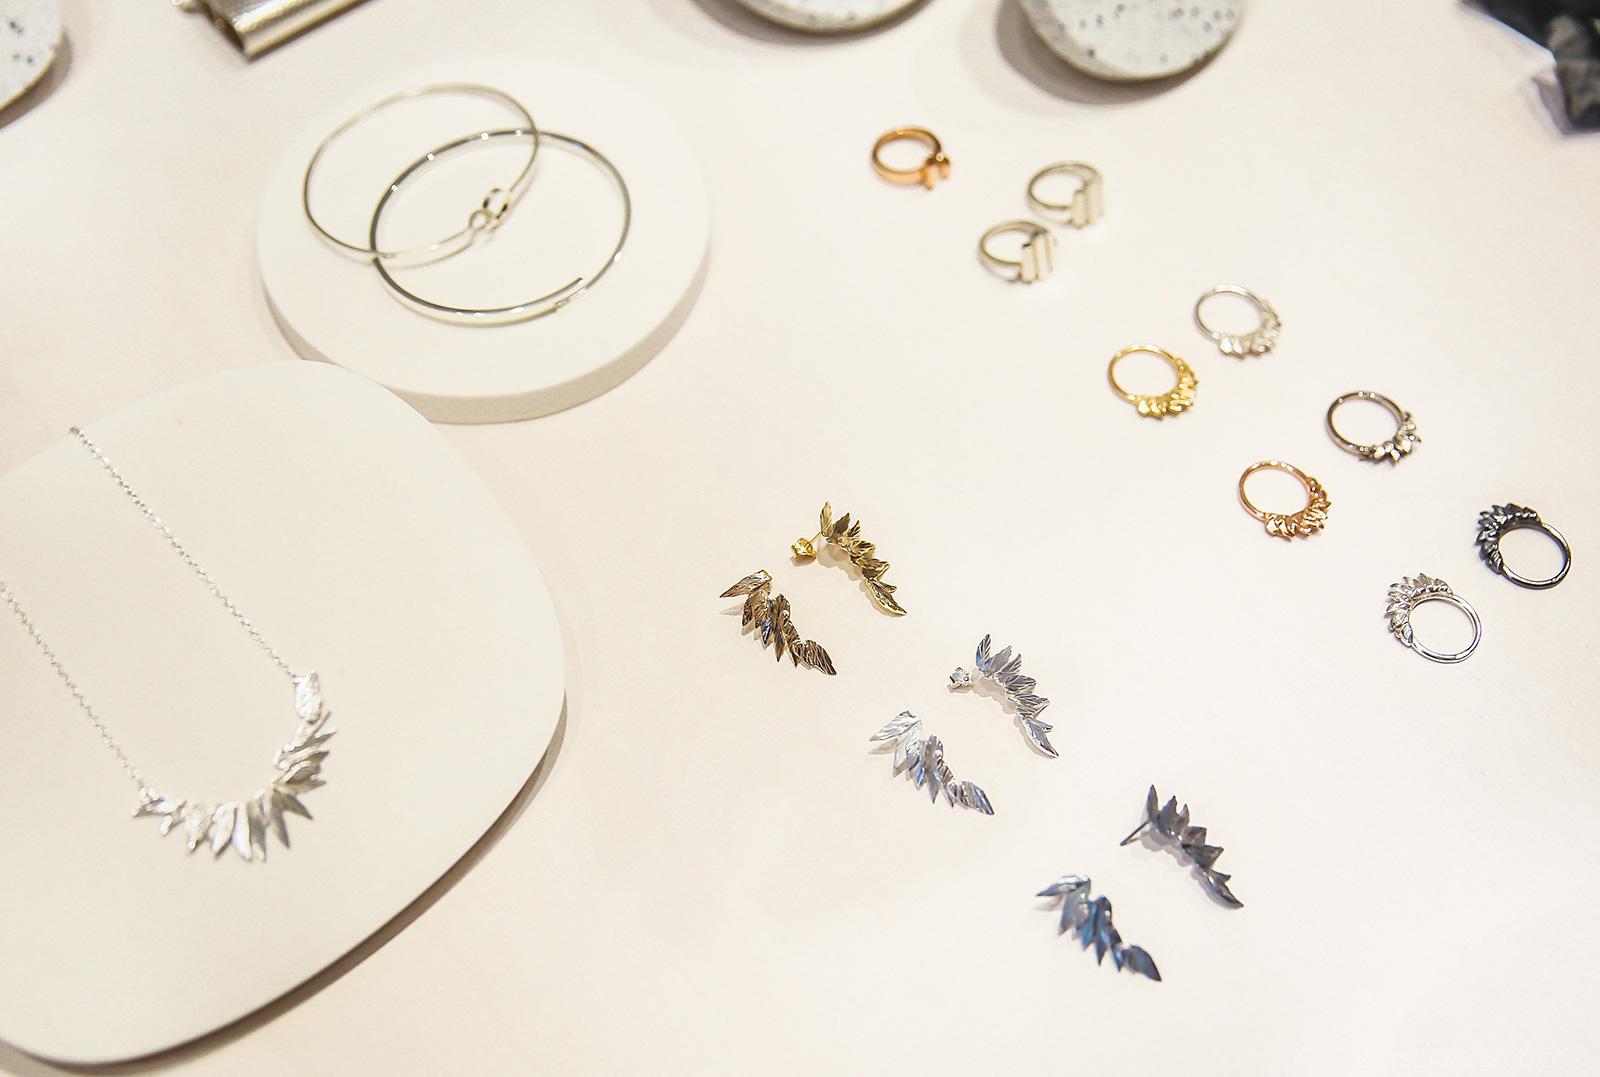 Box Jewelry Helsinki - www.itscamilleco.com